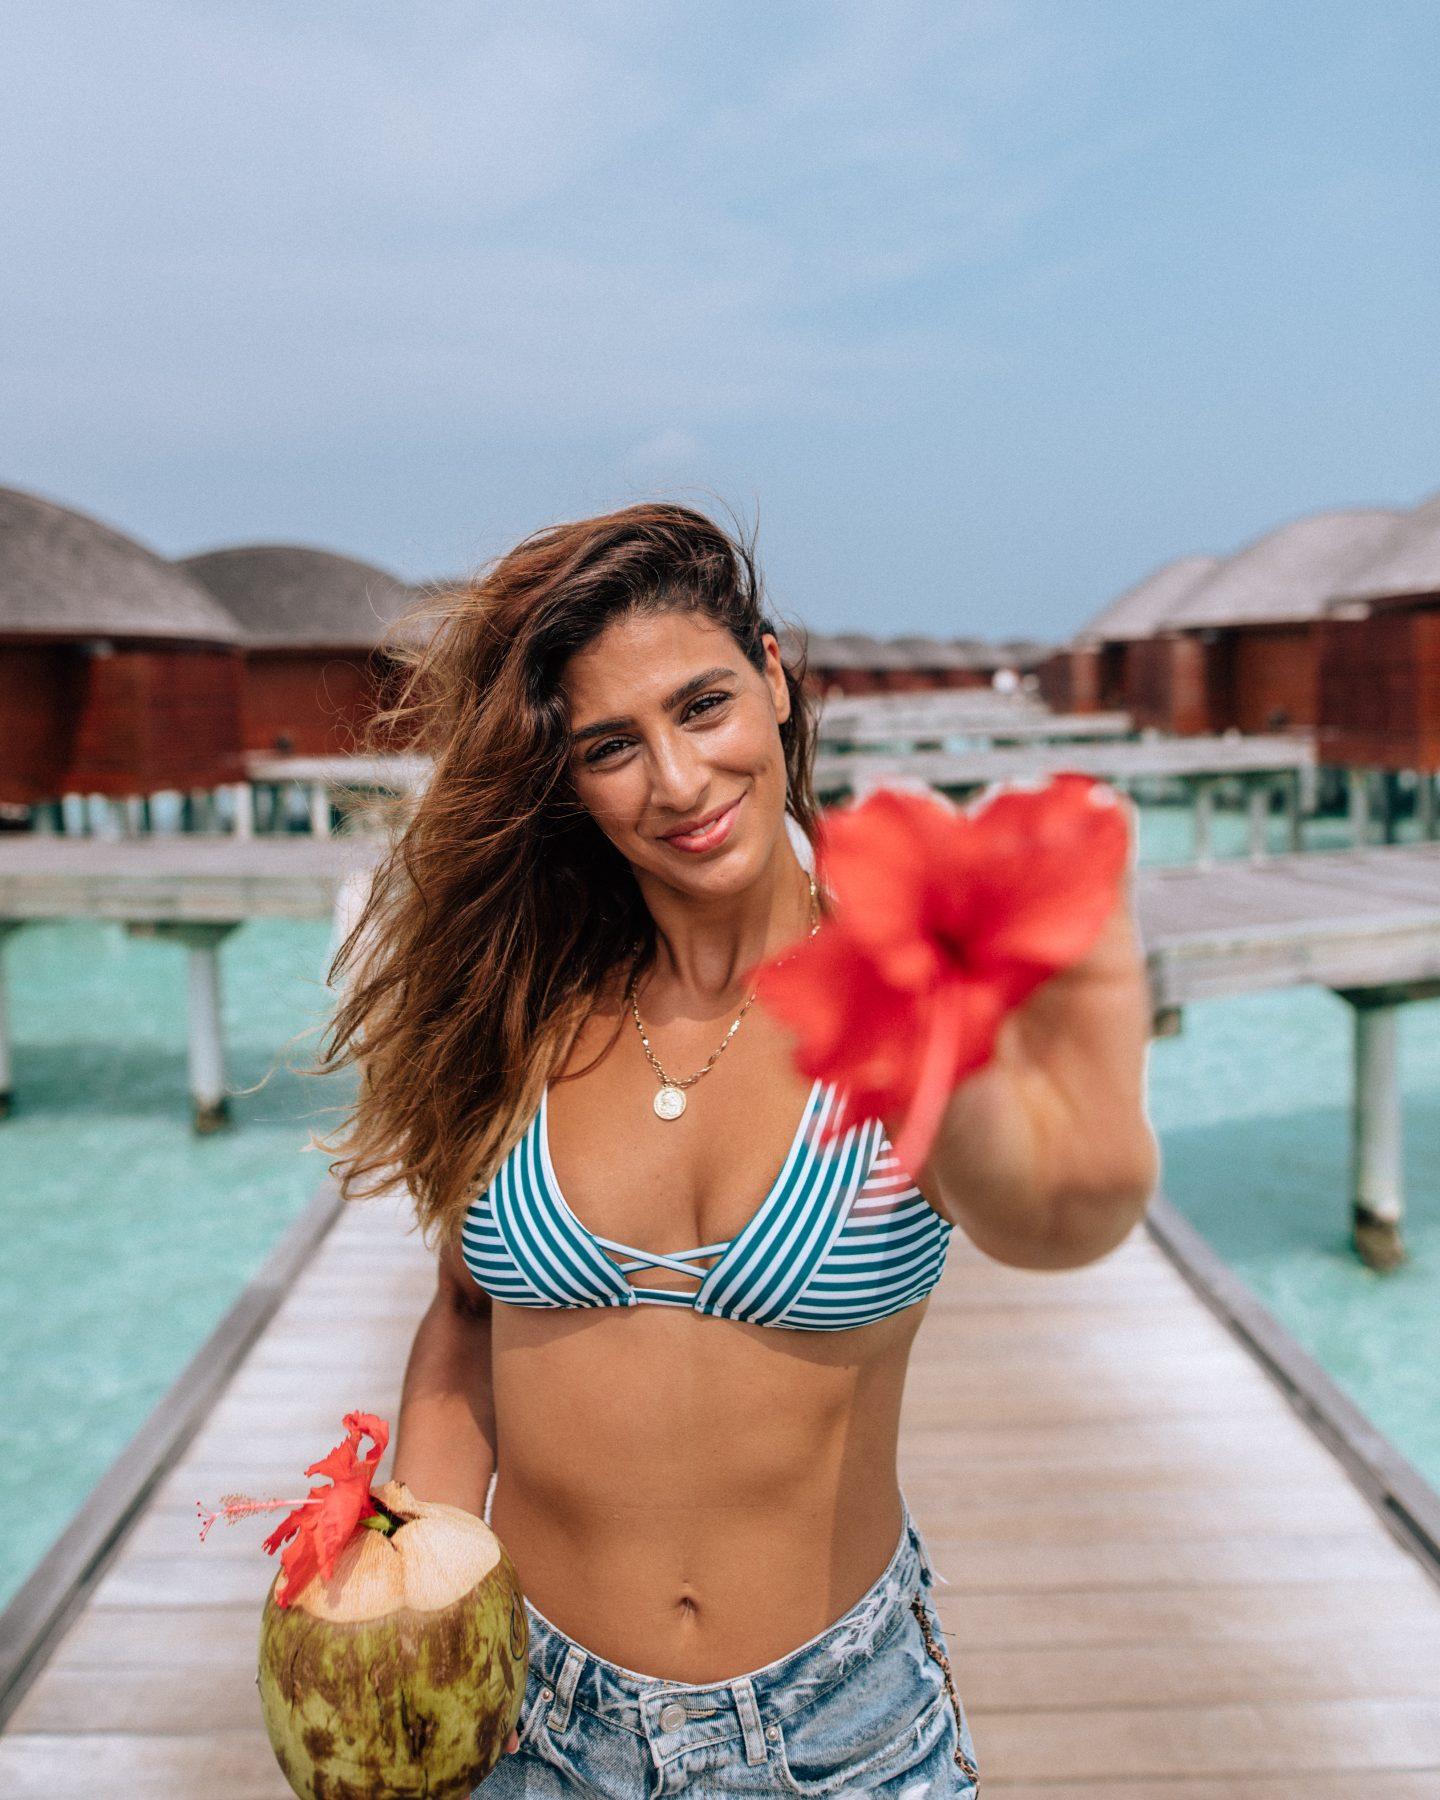 Woman at Anantara Dhigu resort in the maldives